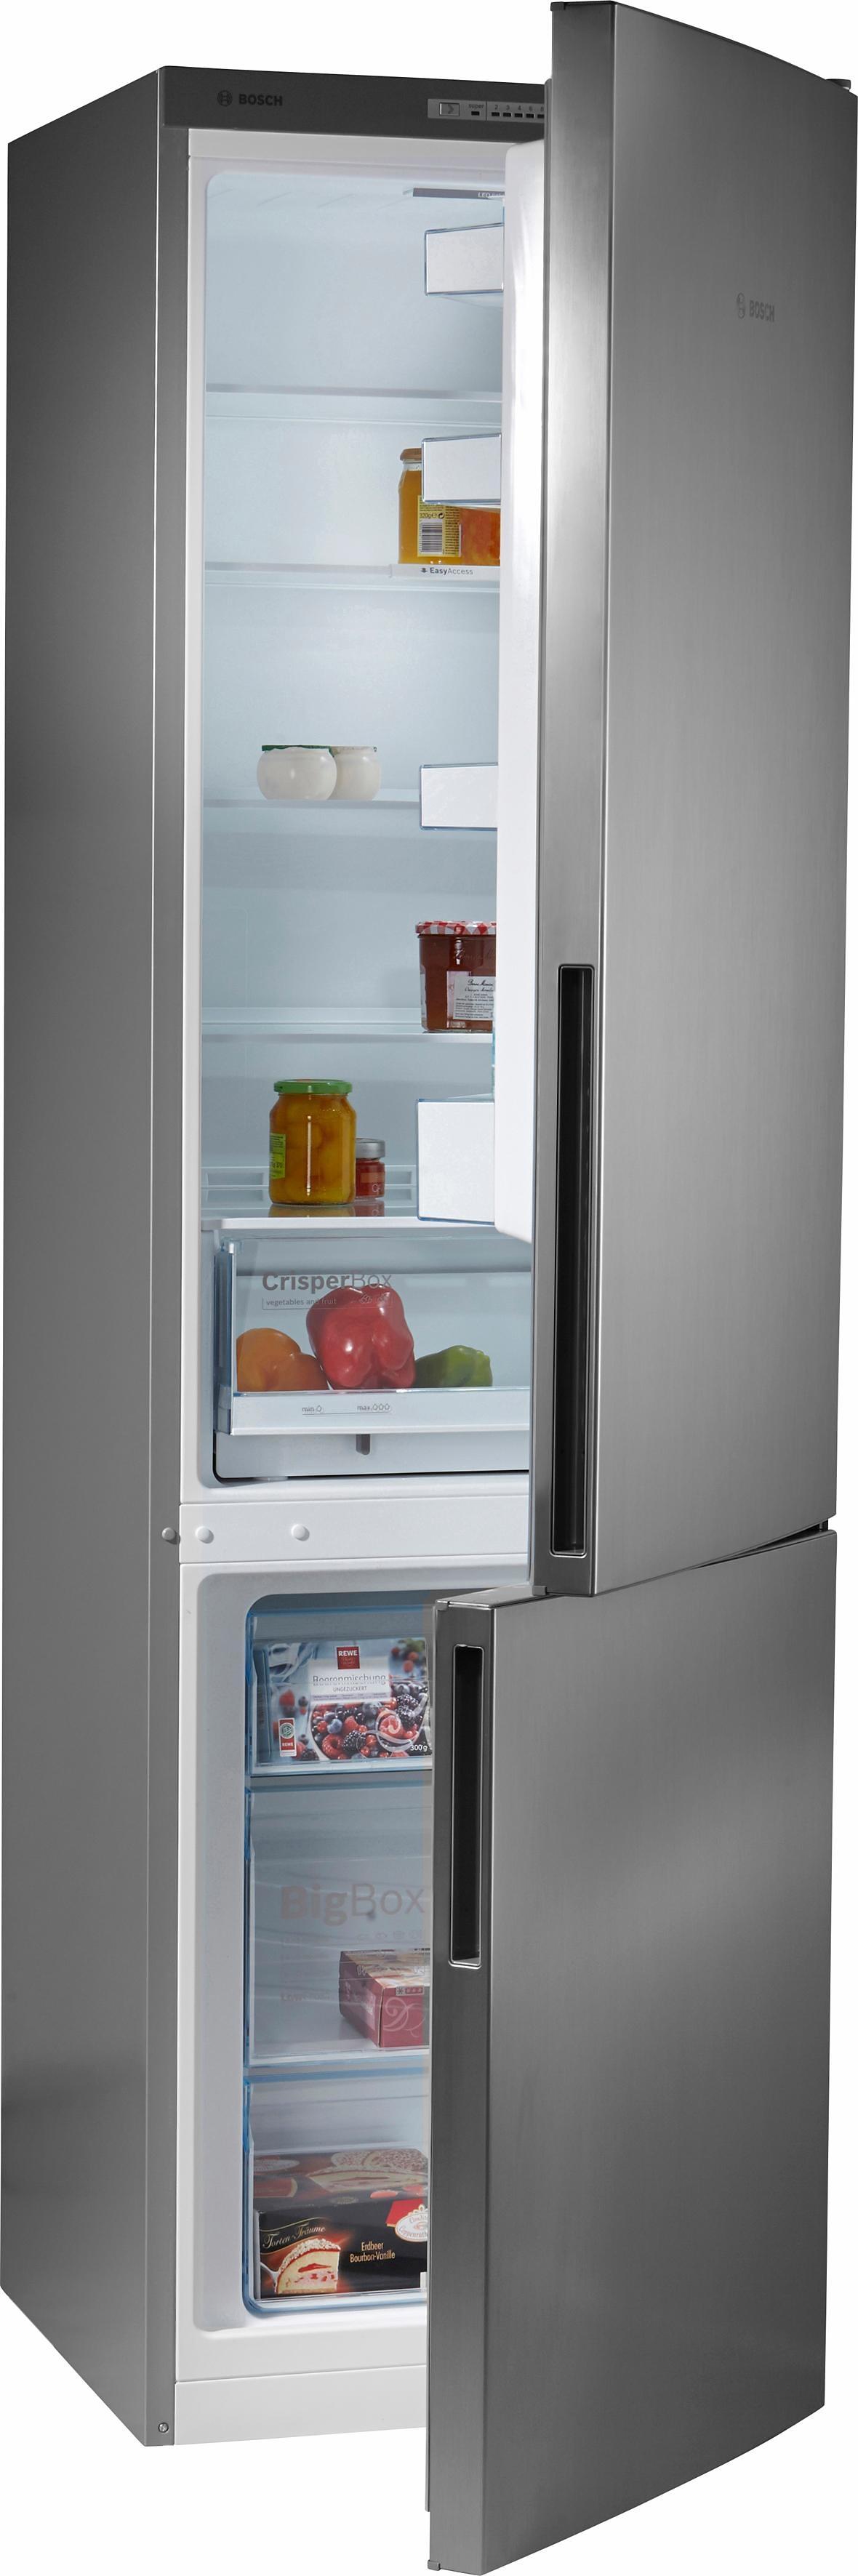 Bosch koel-vriescombinatie, KGV39VL33, A++, 201 cm hoog veilig op otto.nl kopen